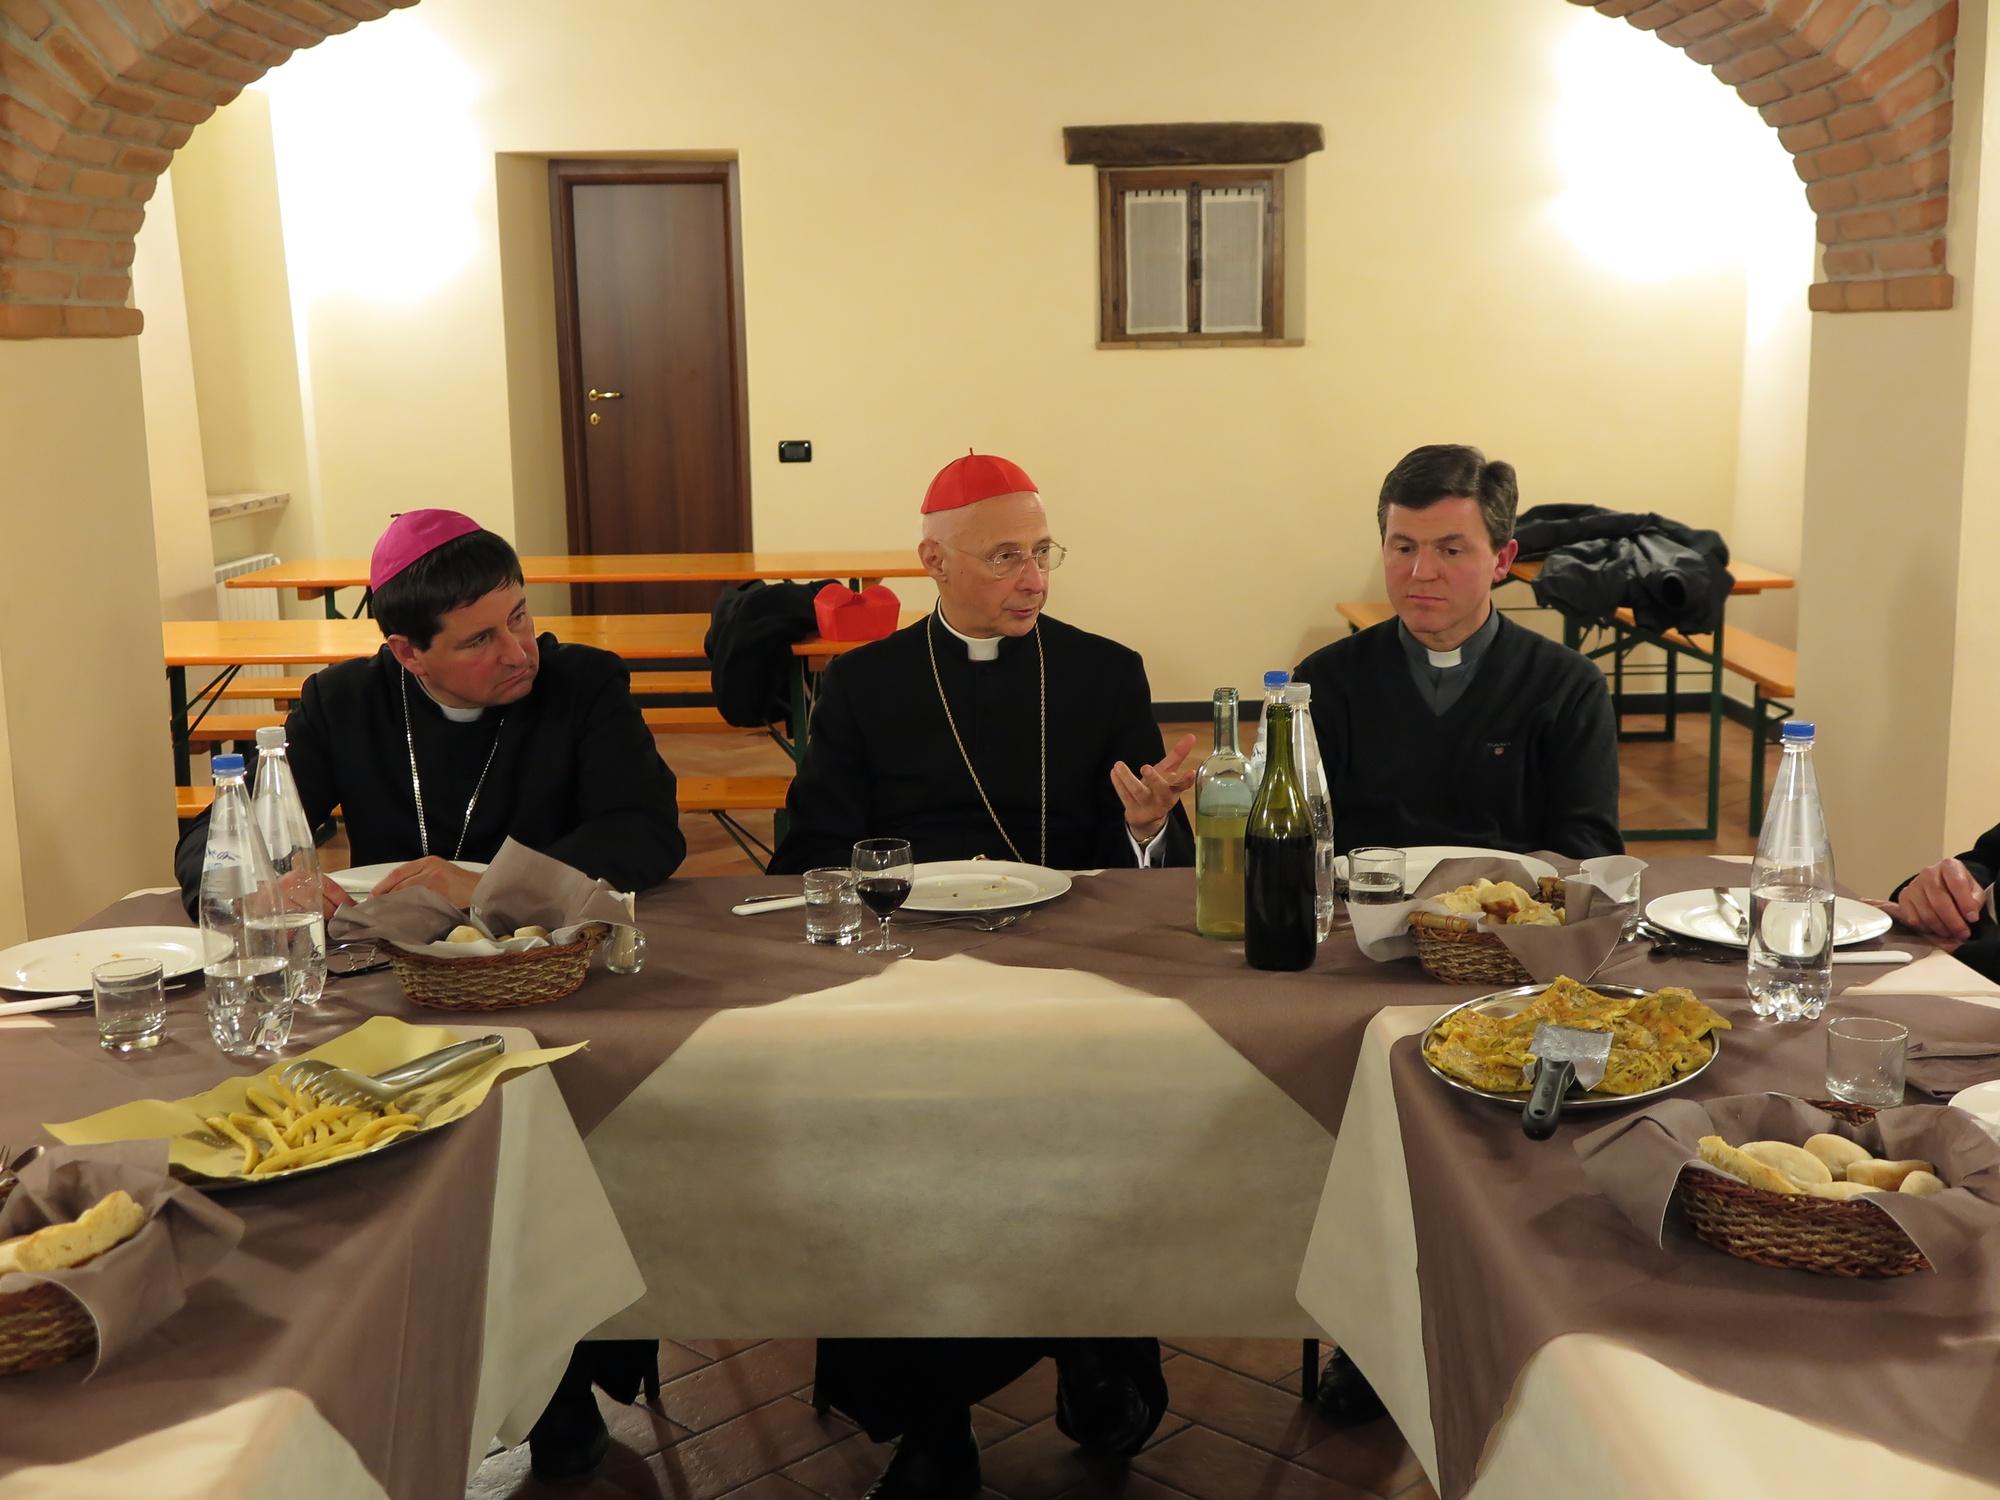 cena-classe-con-cardinale-a-ceranesi-2016-03-17-21-54-50